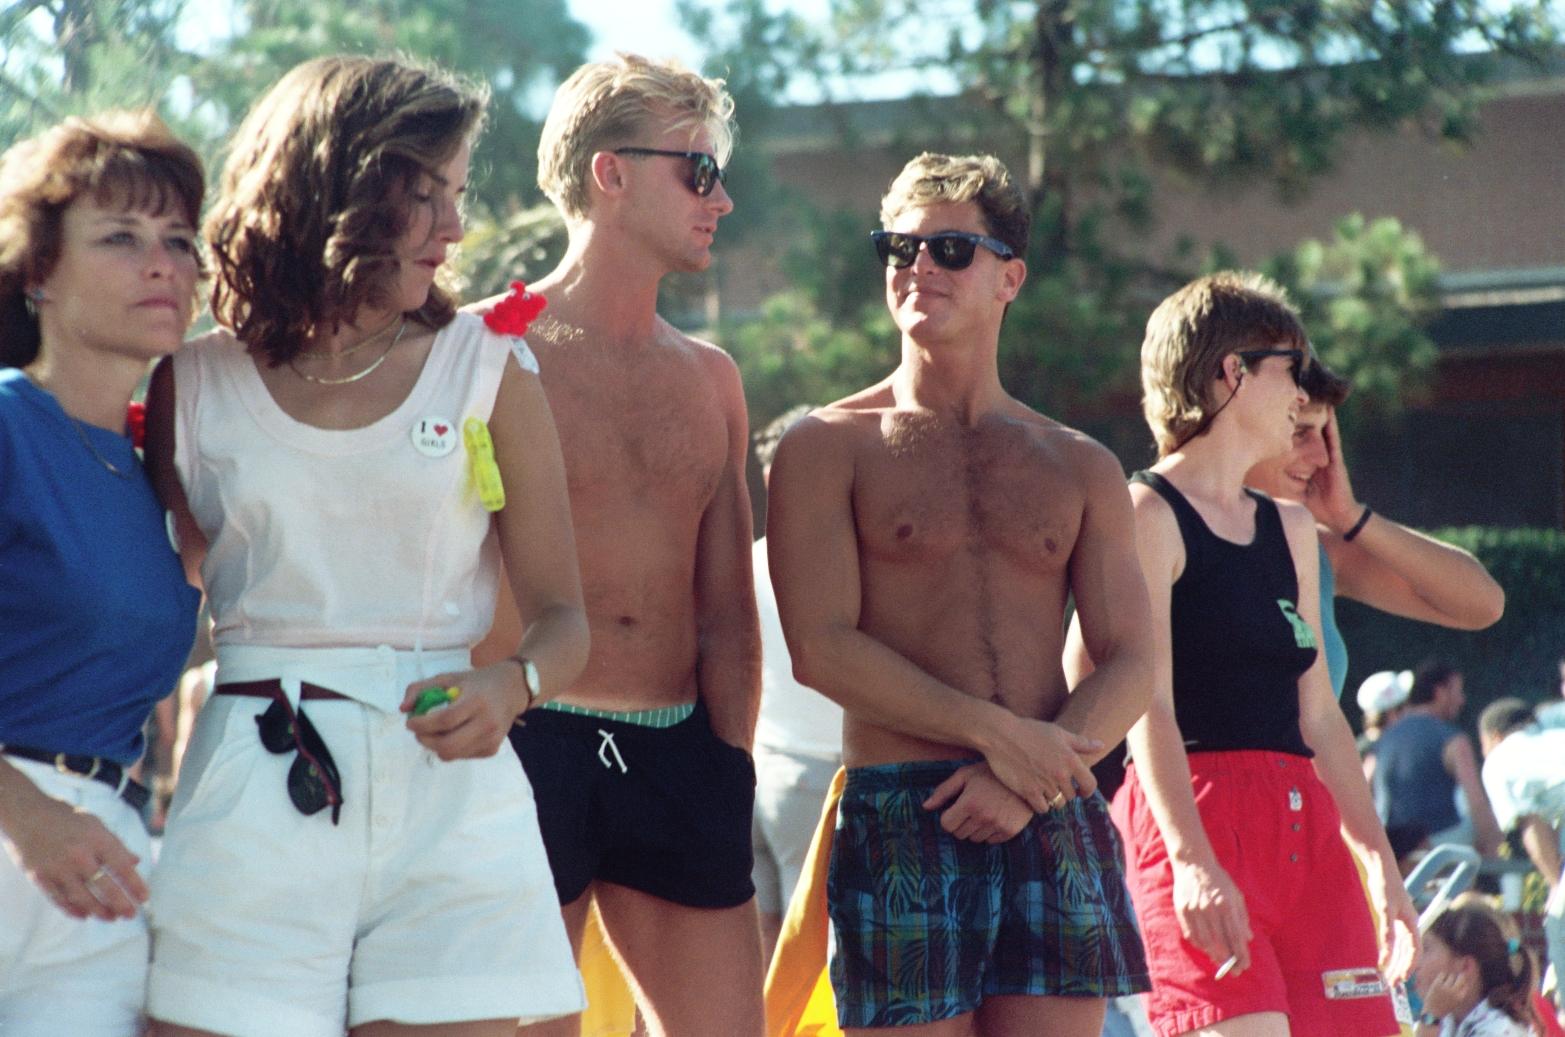 la-pride-1987-1995_21687383184_o